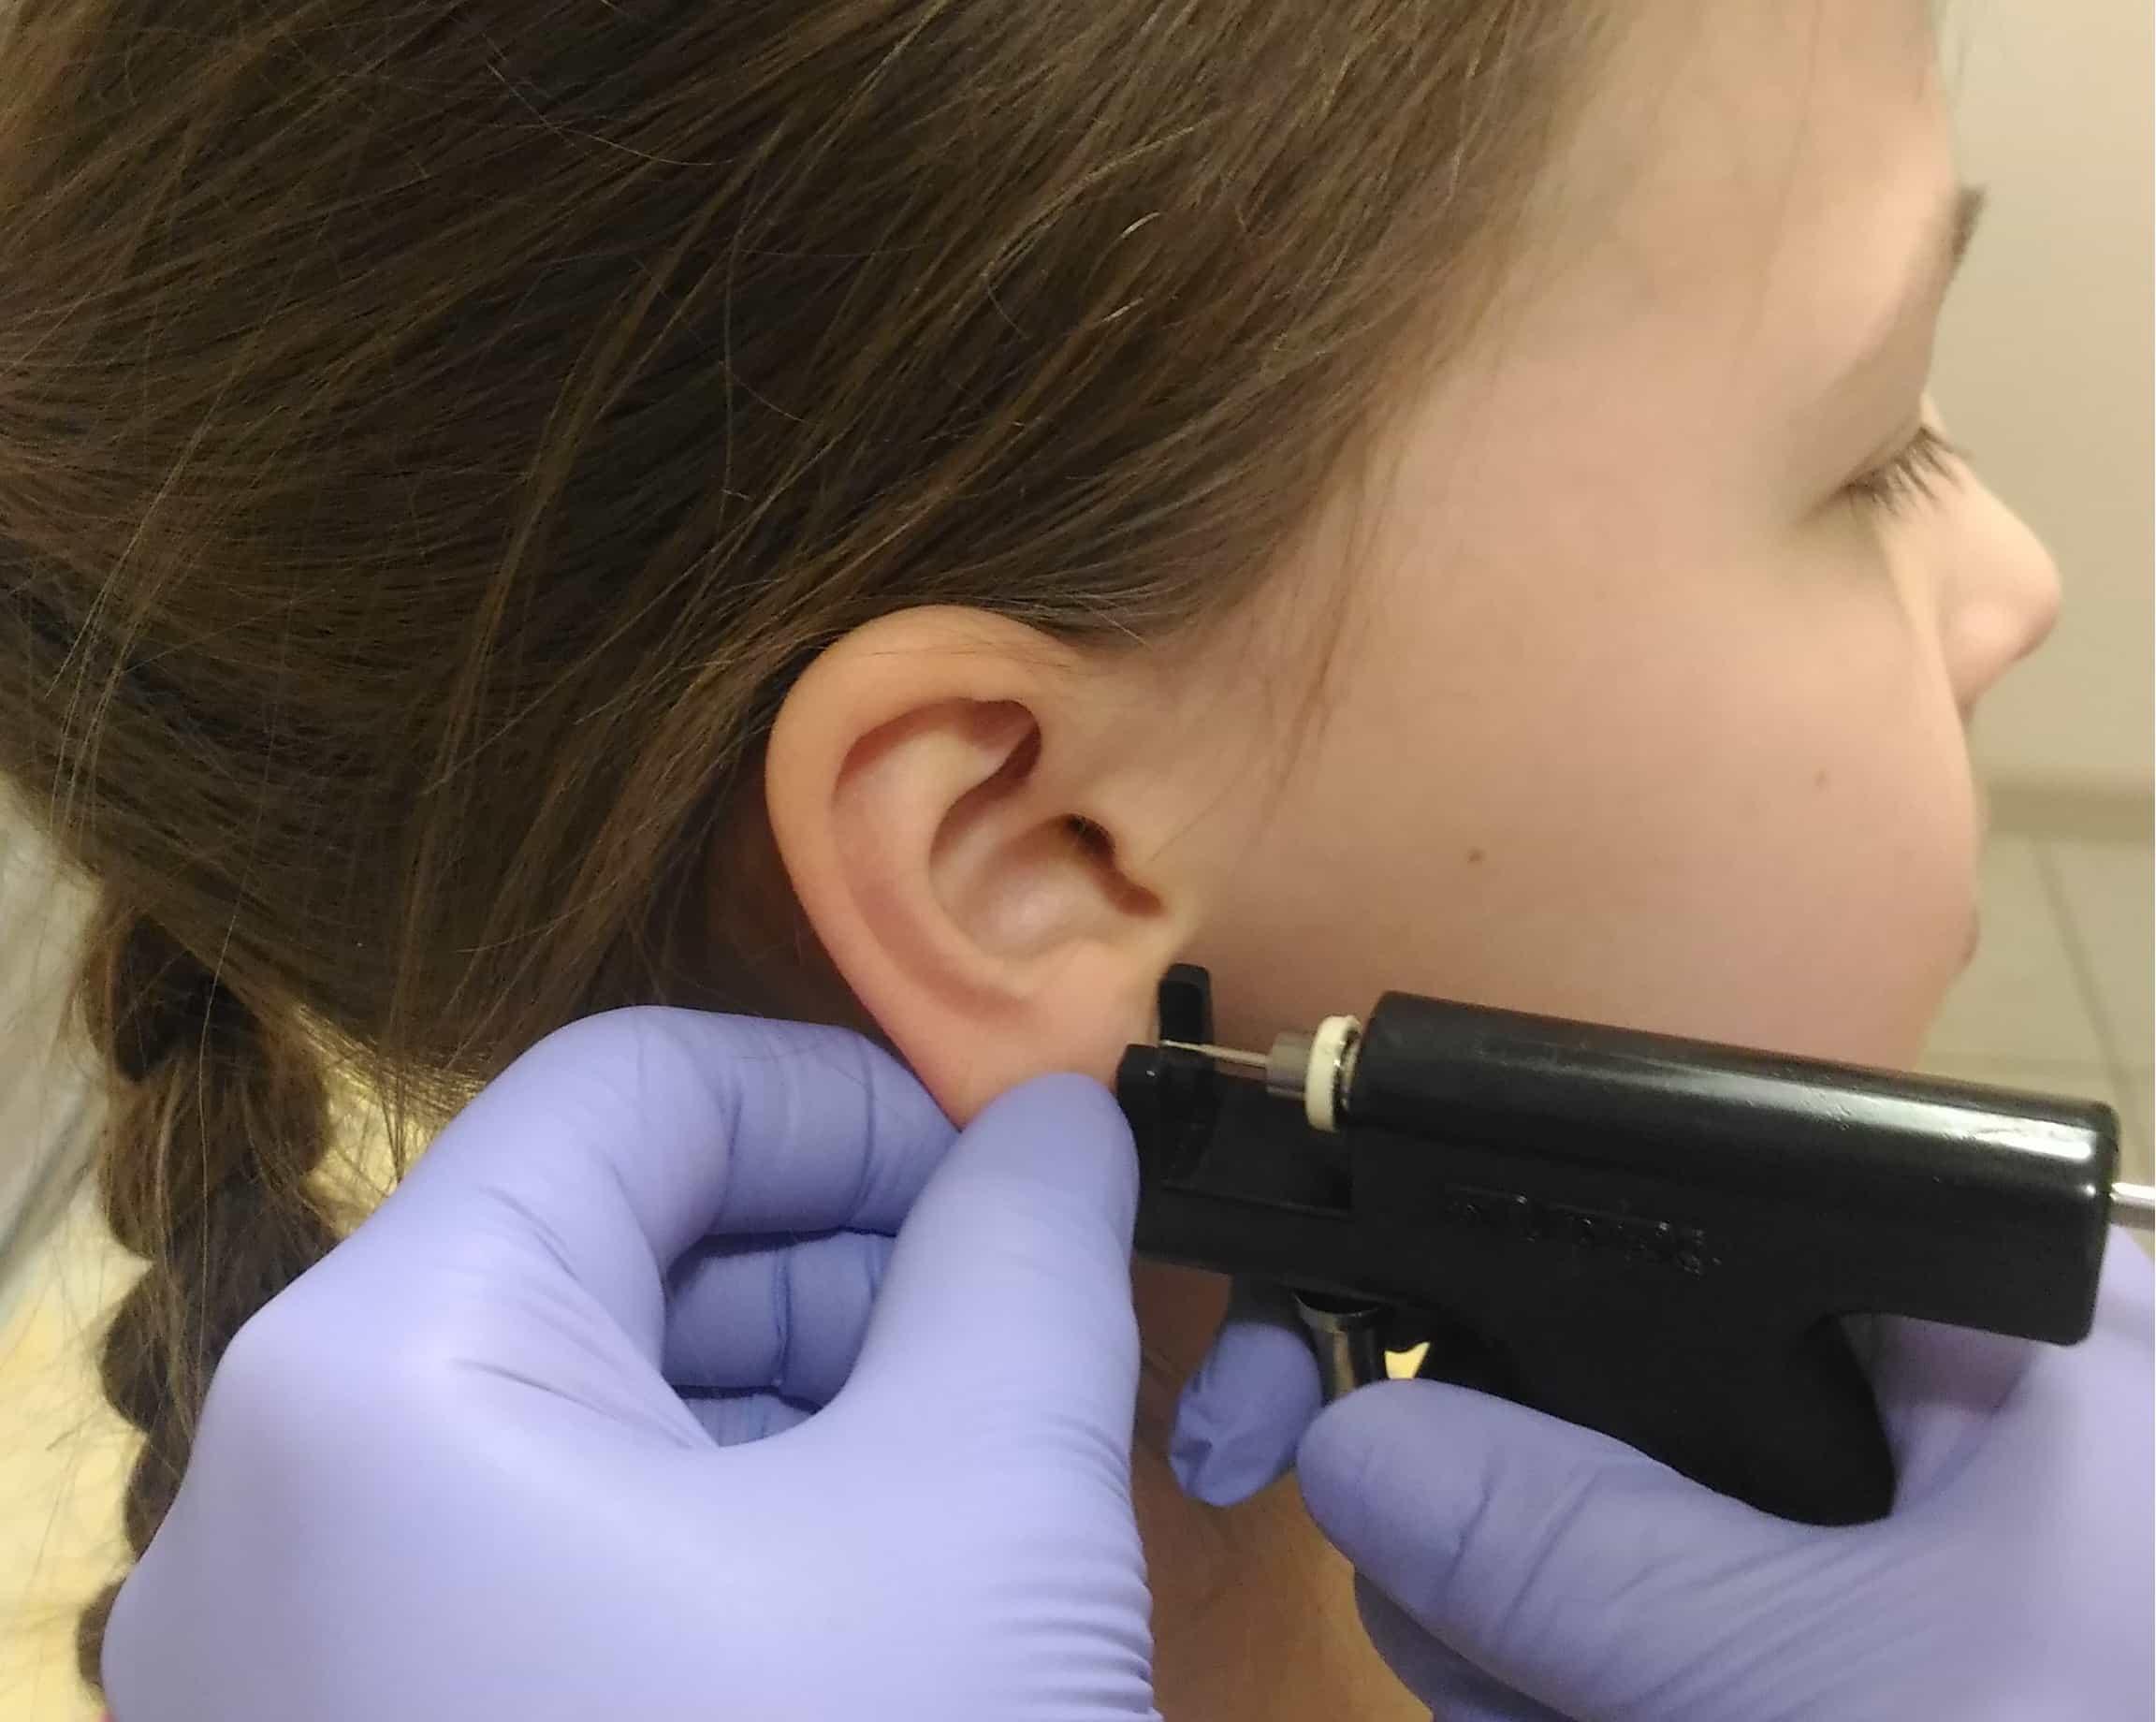 Как ухаживать за ушами после прокола? советы по уходу. как ухаживать за проколотыми ушами?